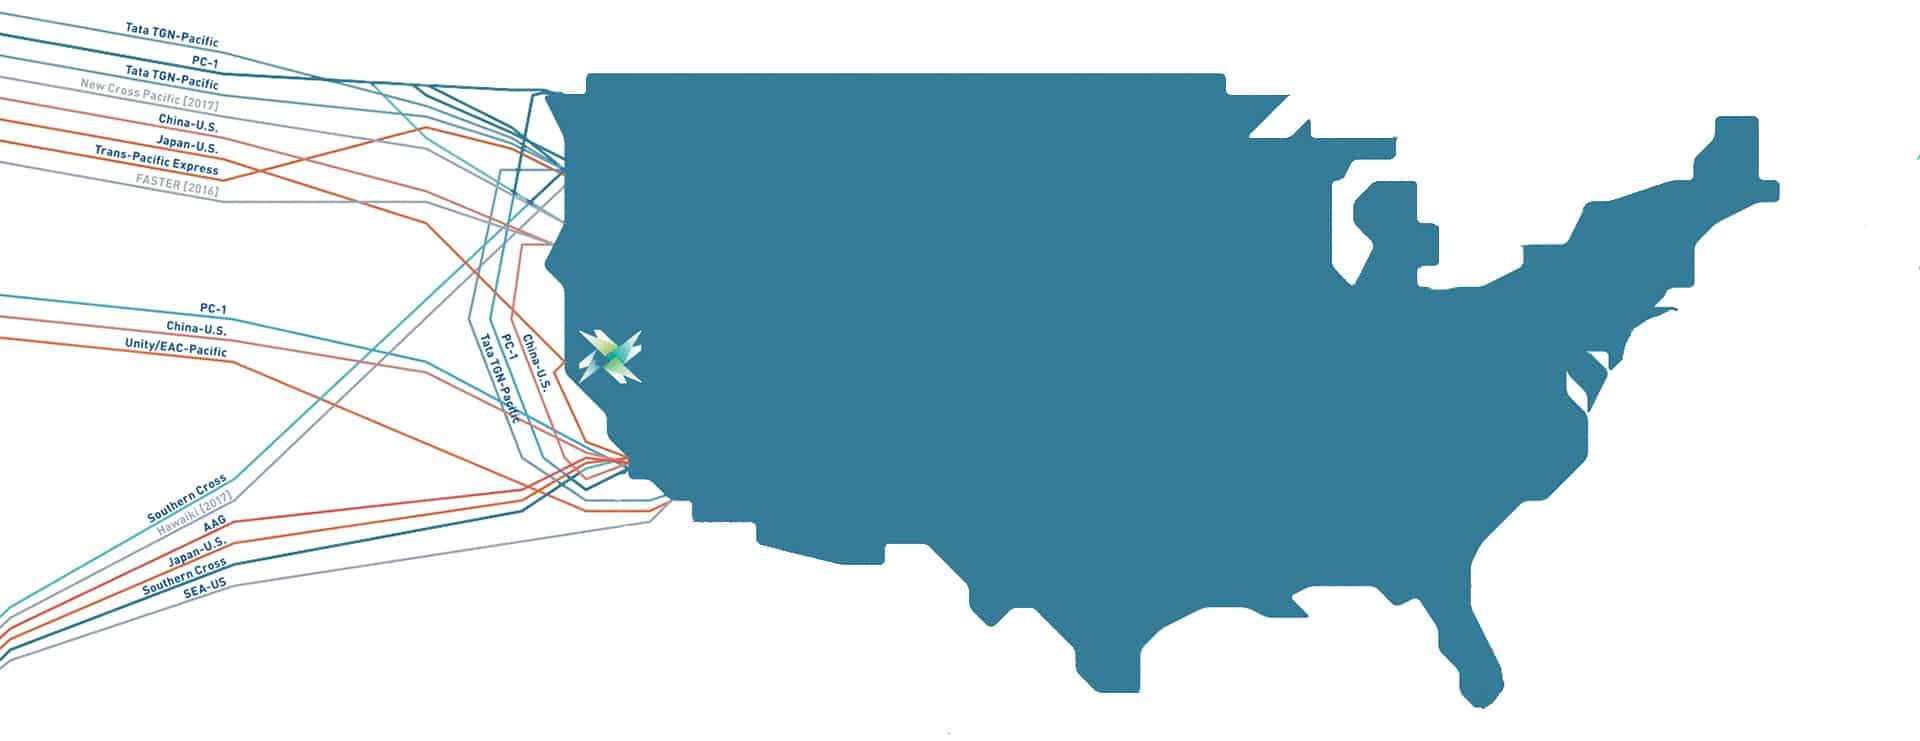 Sacramento Data Center Cable Map